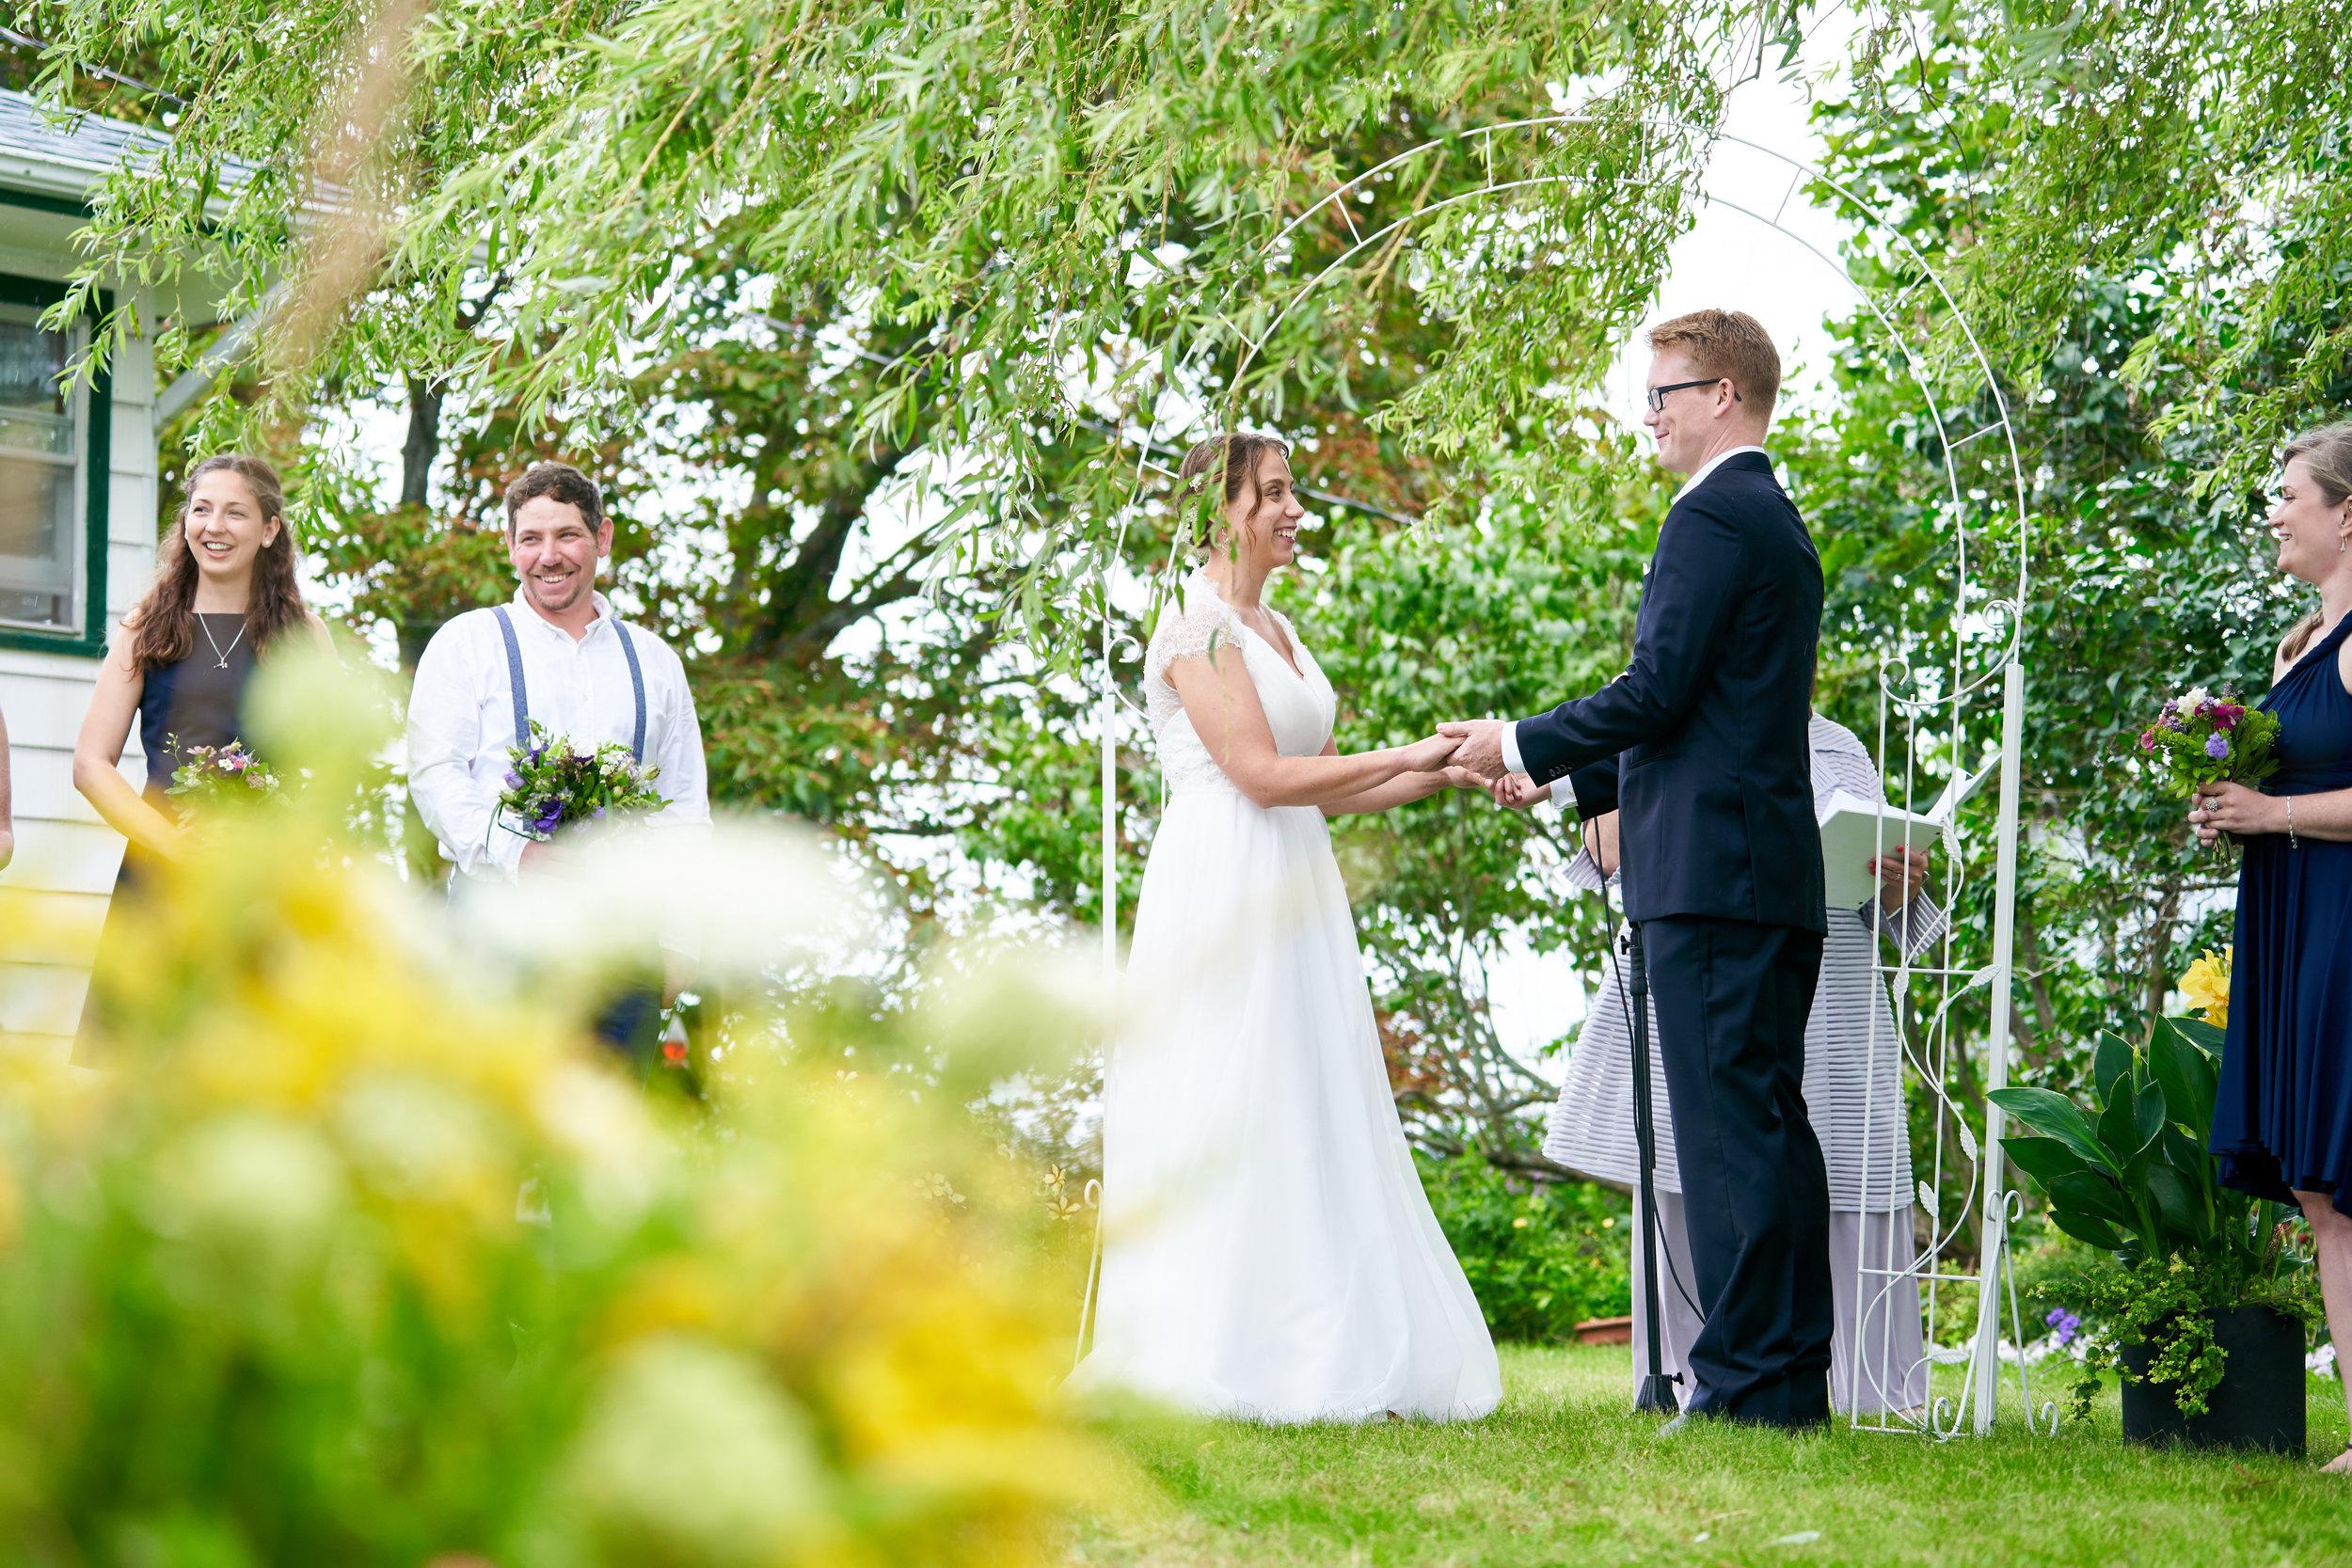 Amy-Lee & James' Wedding 309.jpg